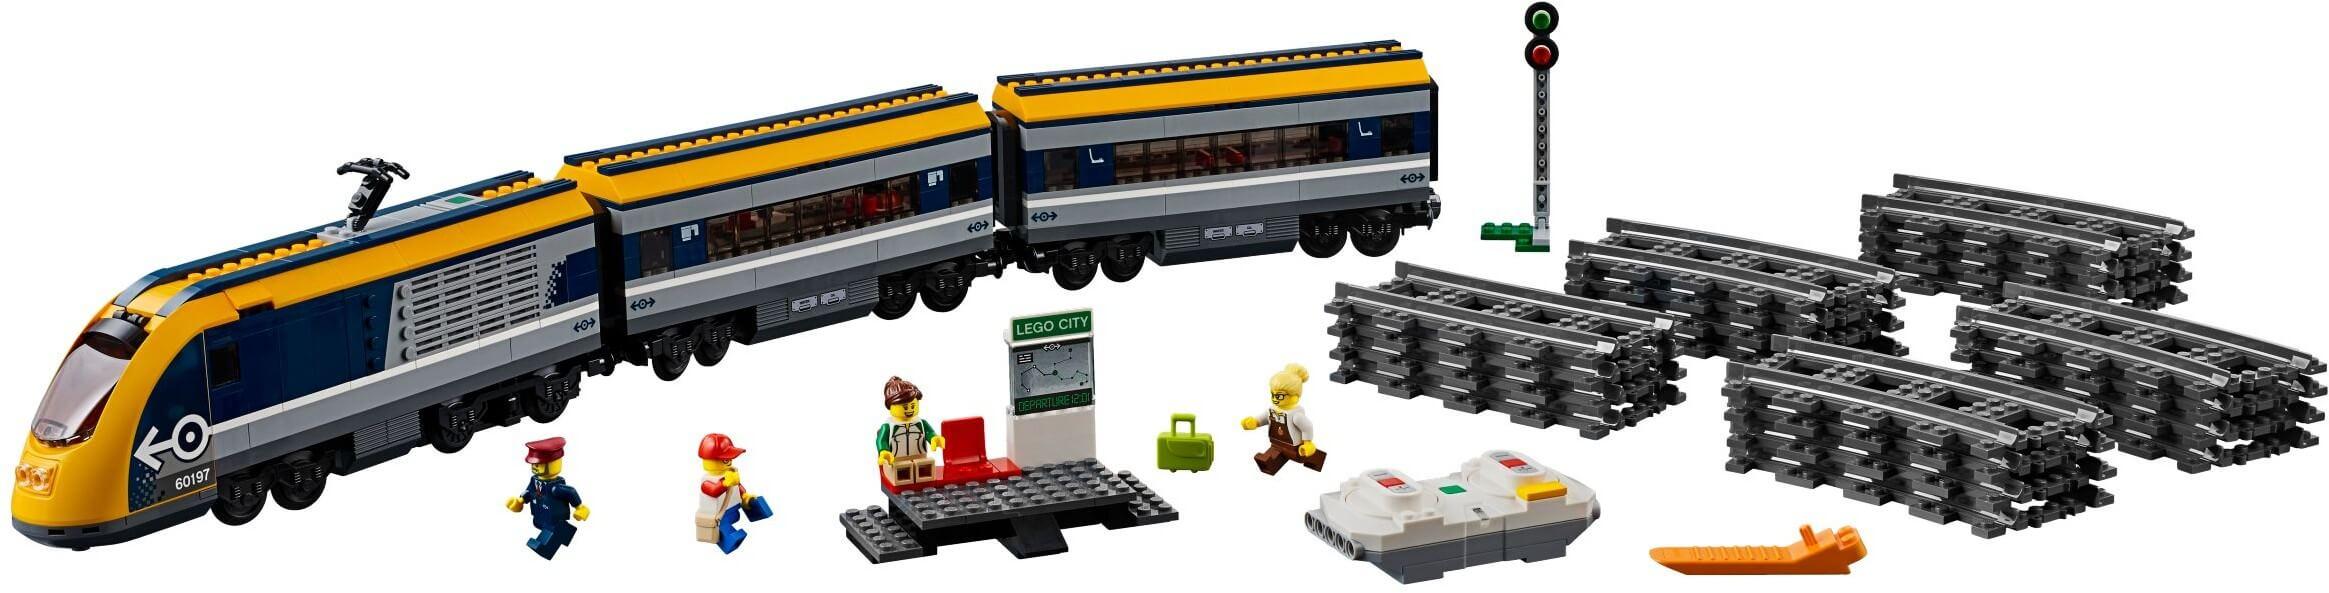 Mua đồ chơi LEGO 60197 - LEGO City 60197 - Xe Lửa chở khách Điều Khiển Từ Xa (LEGO City 60197 Passenger Train)